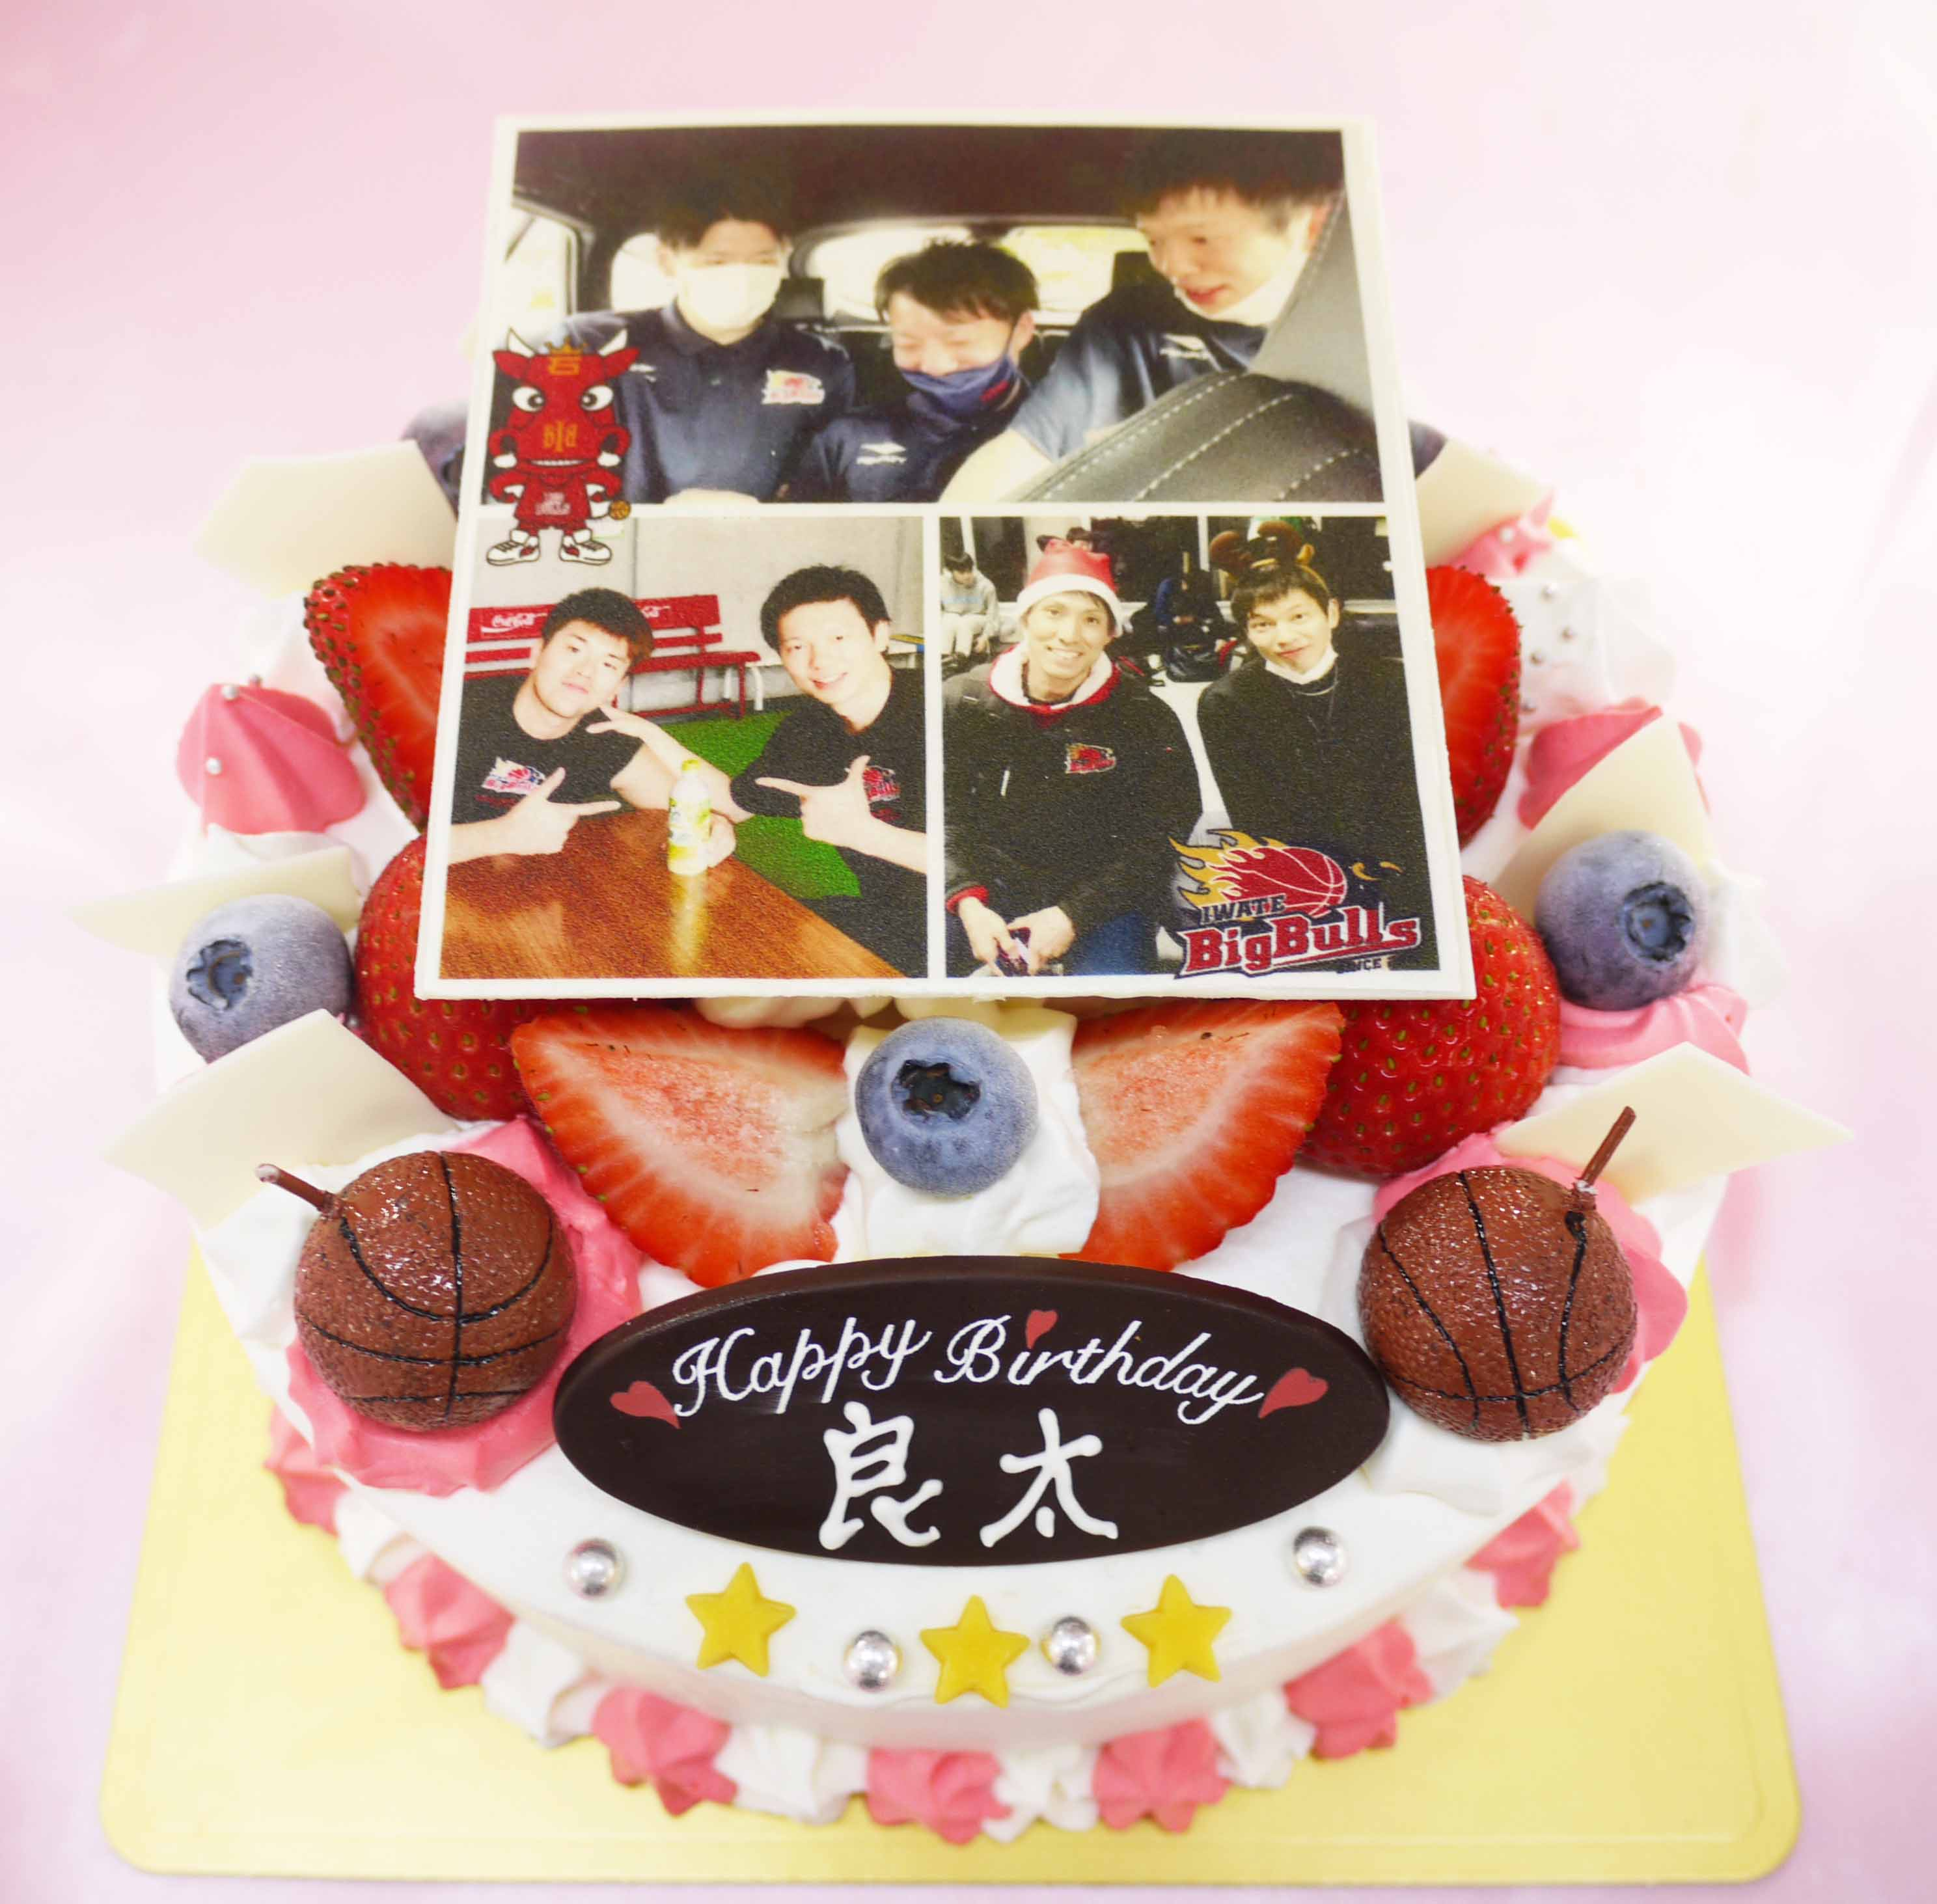 岩手ビッグブルズ伊藤良太選手の誕生日ケーキ